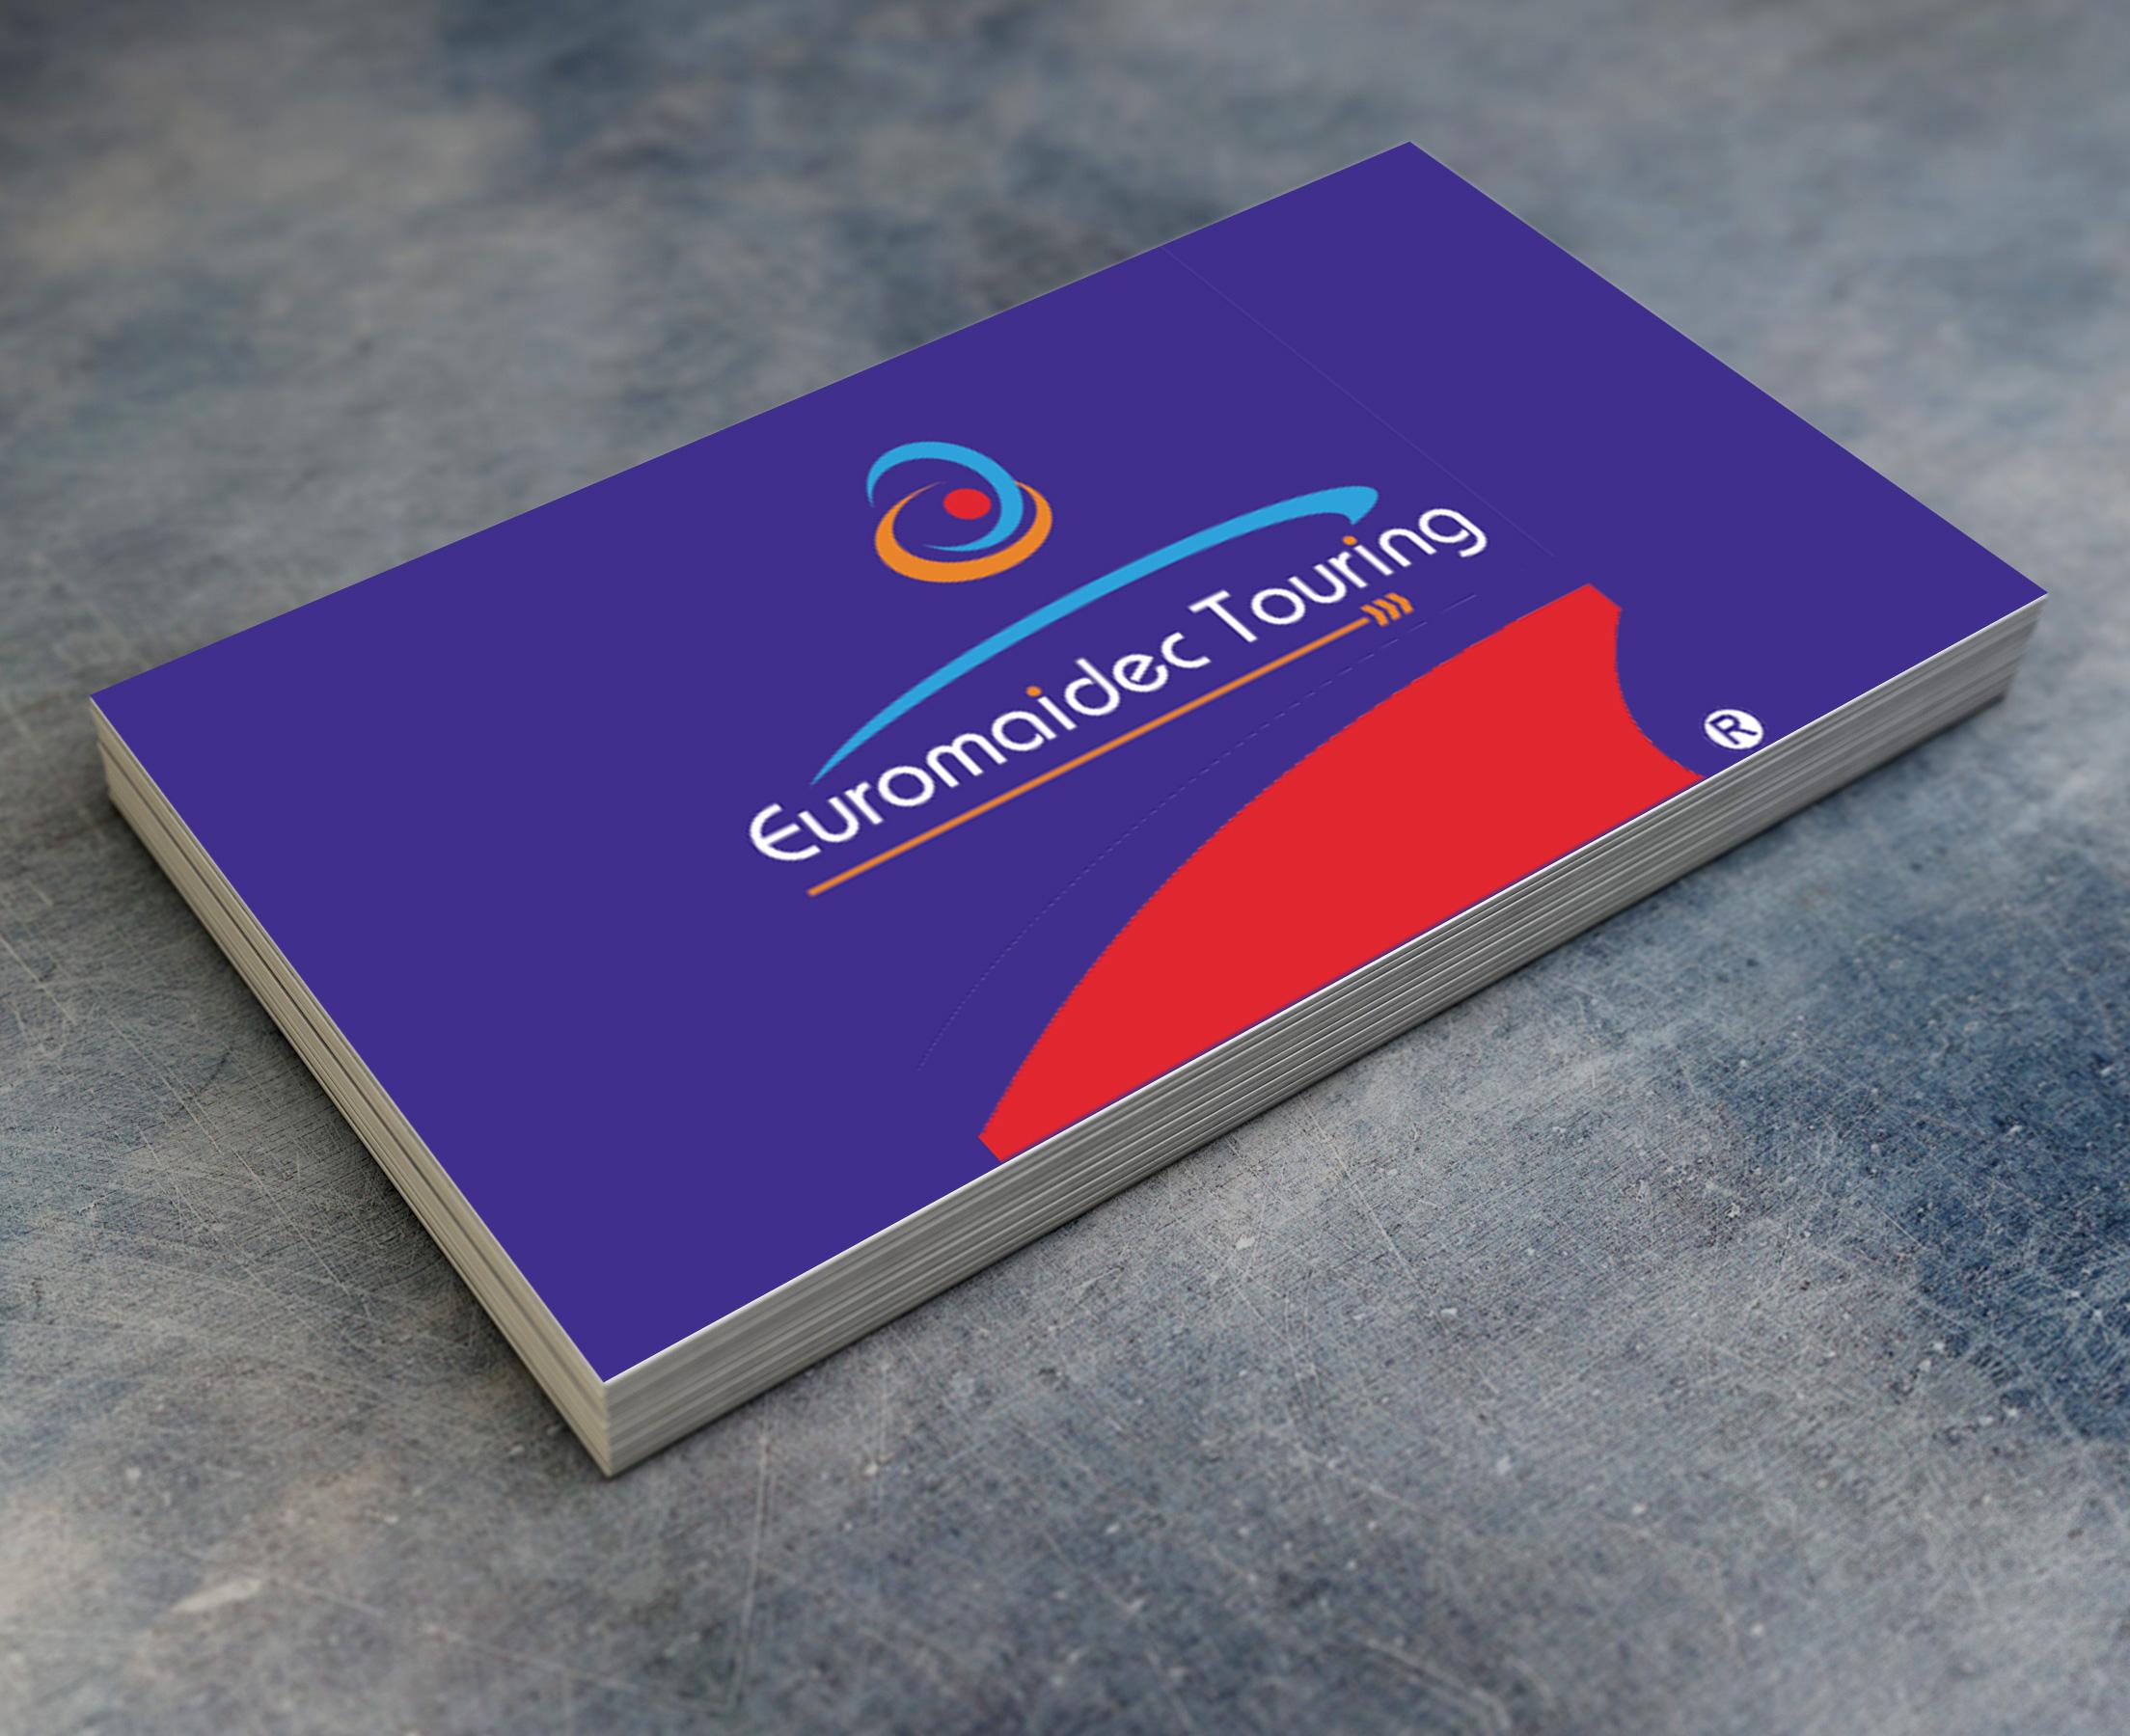 euromaidec2